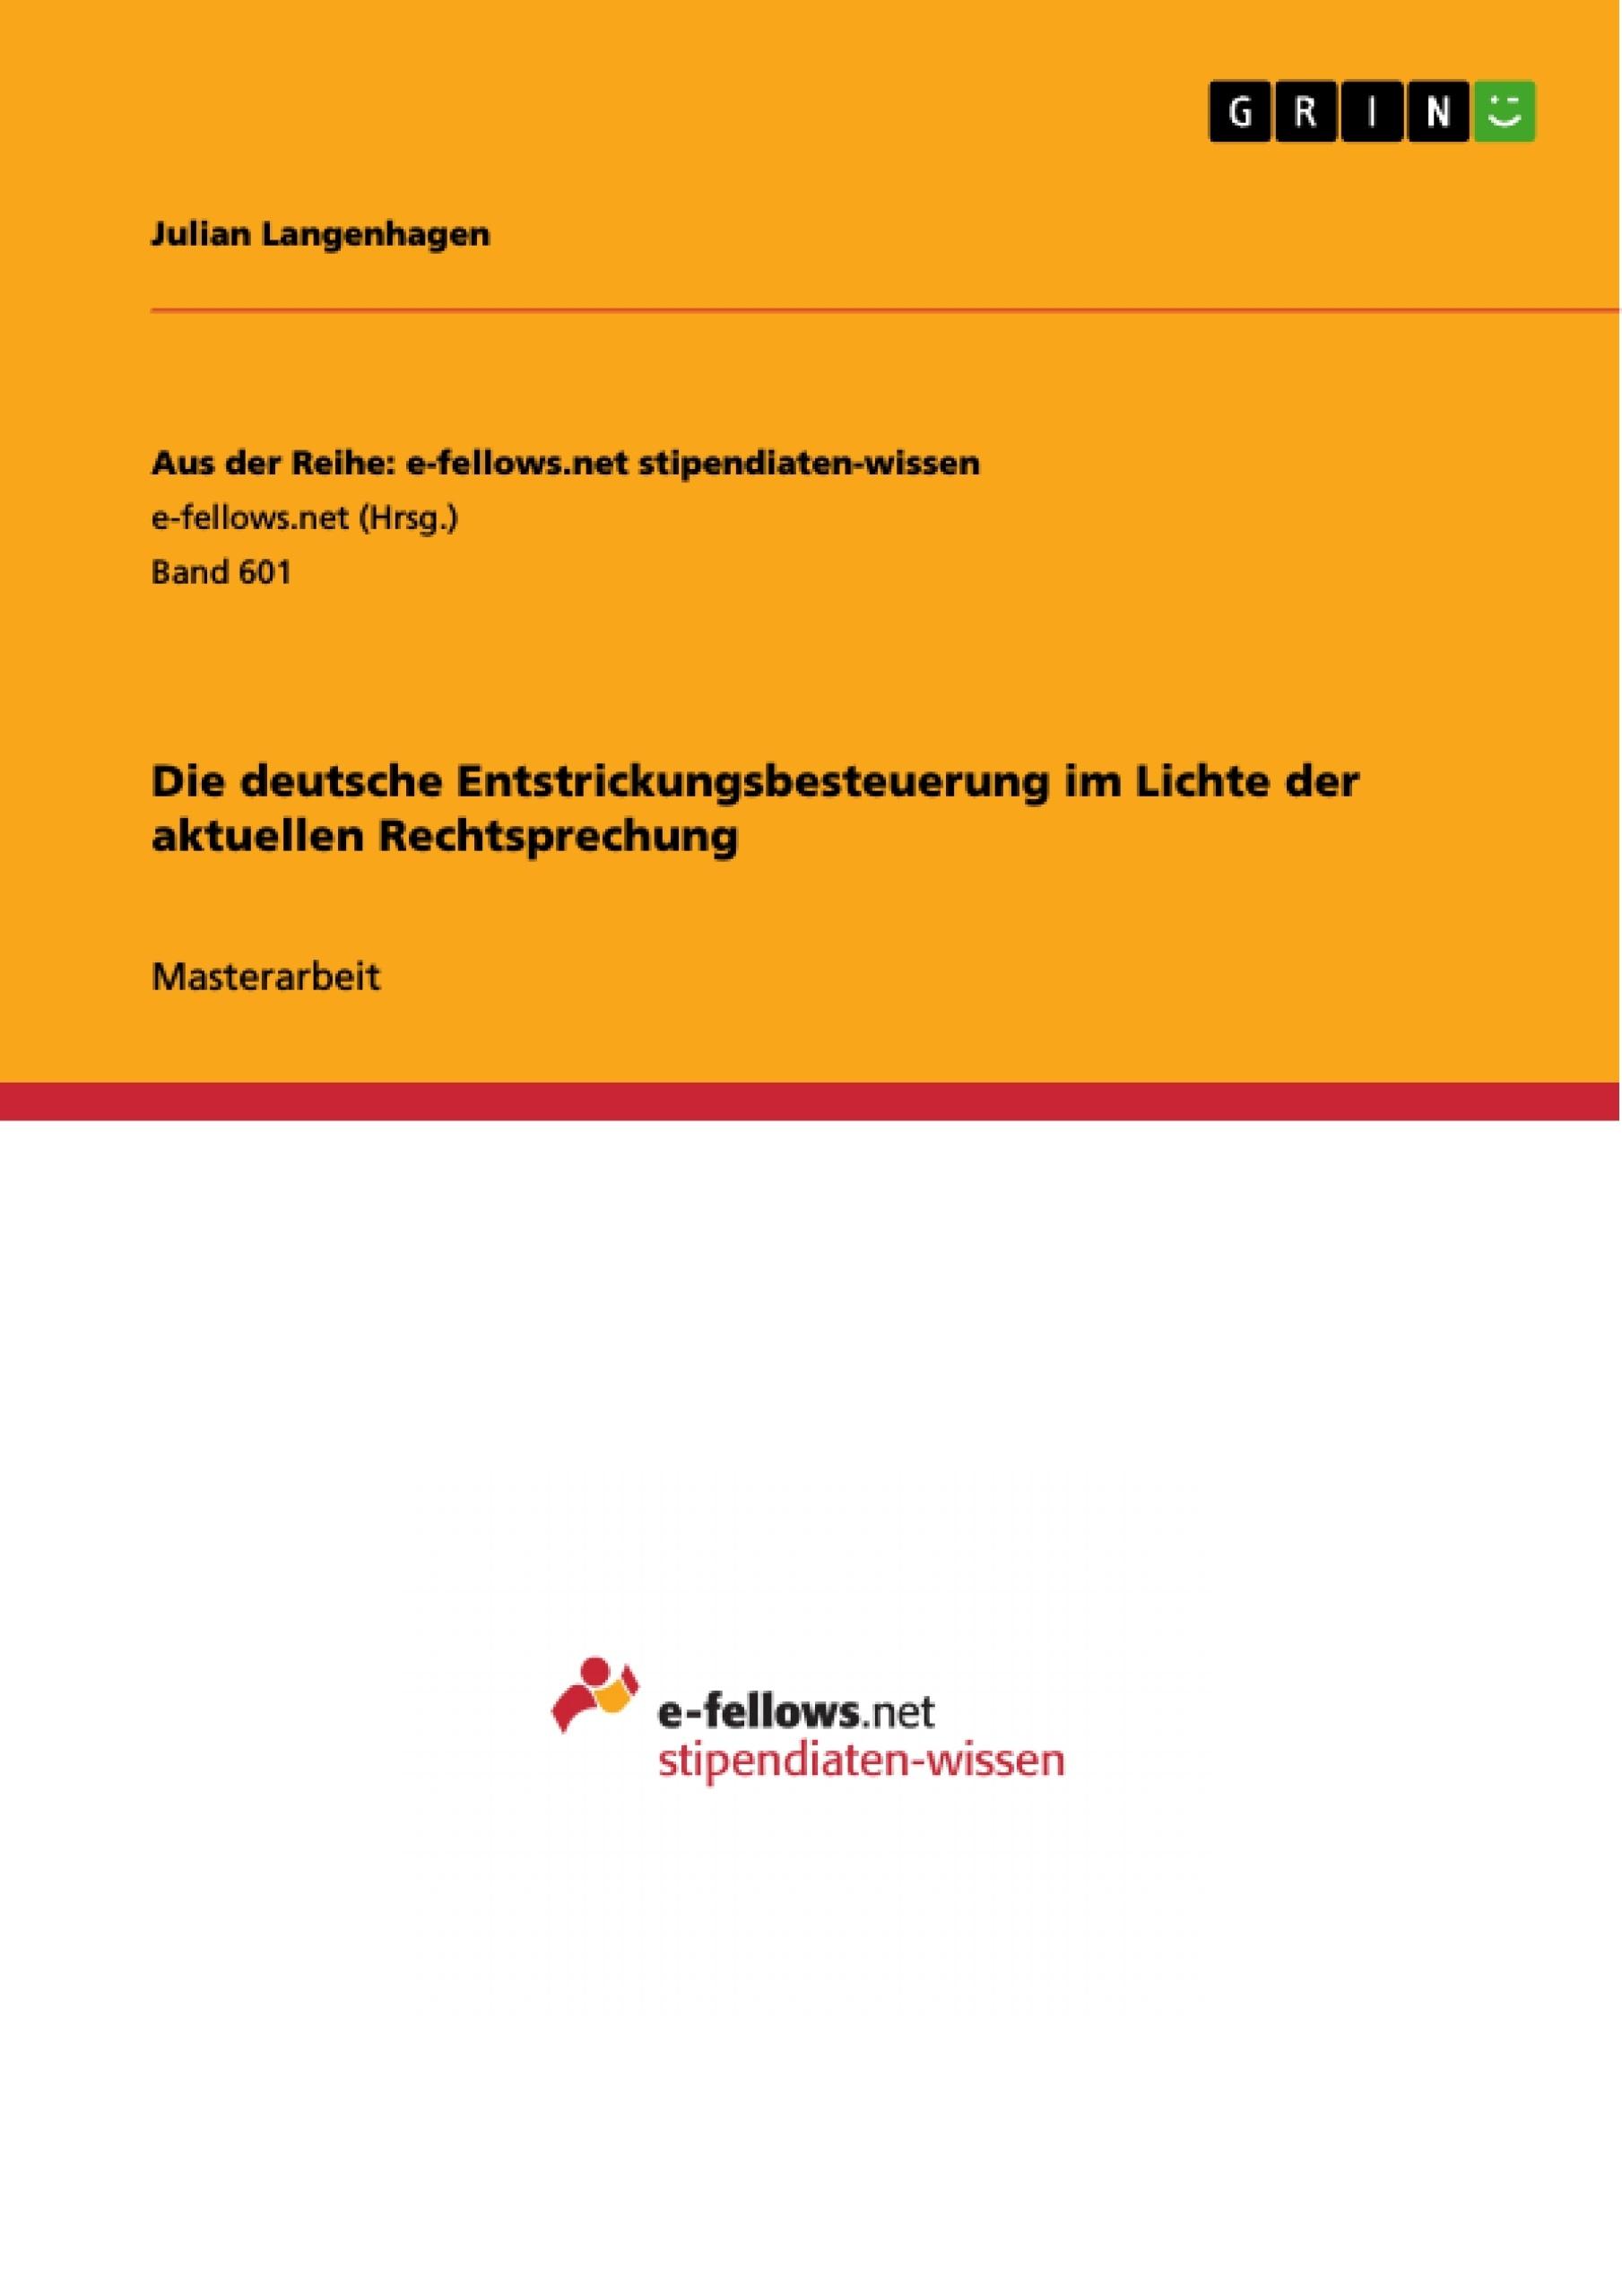 Titel: Die deutsche Entstrickungsbesteuerung im Lichte der aktuellen Rechtsprechung